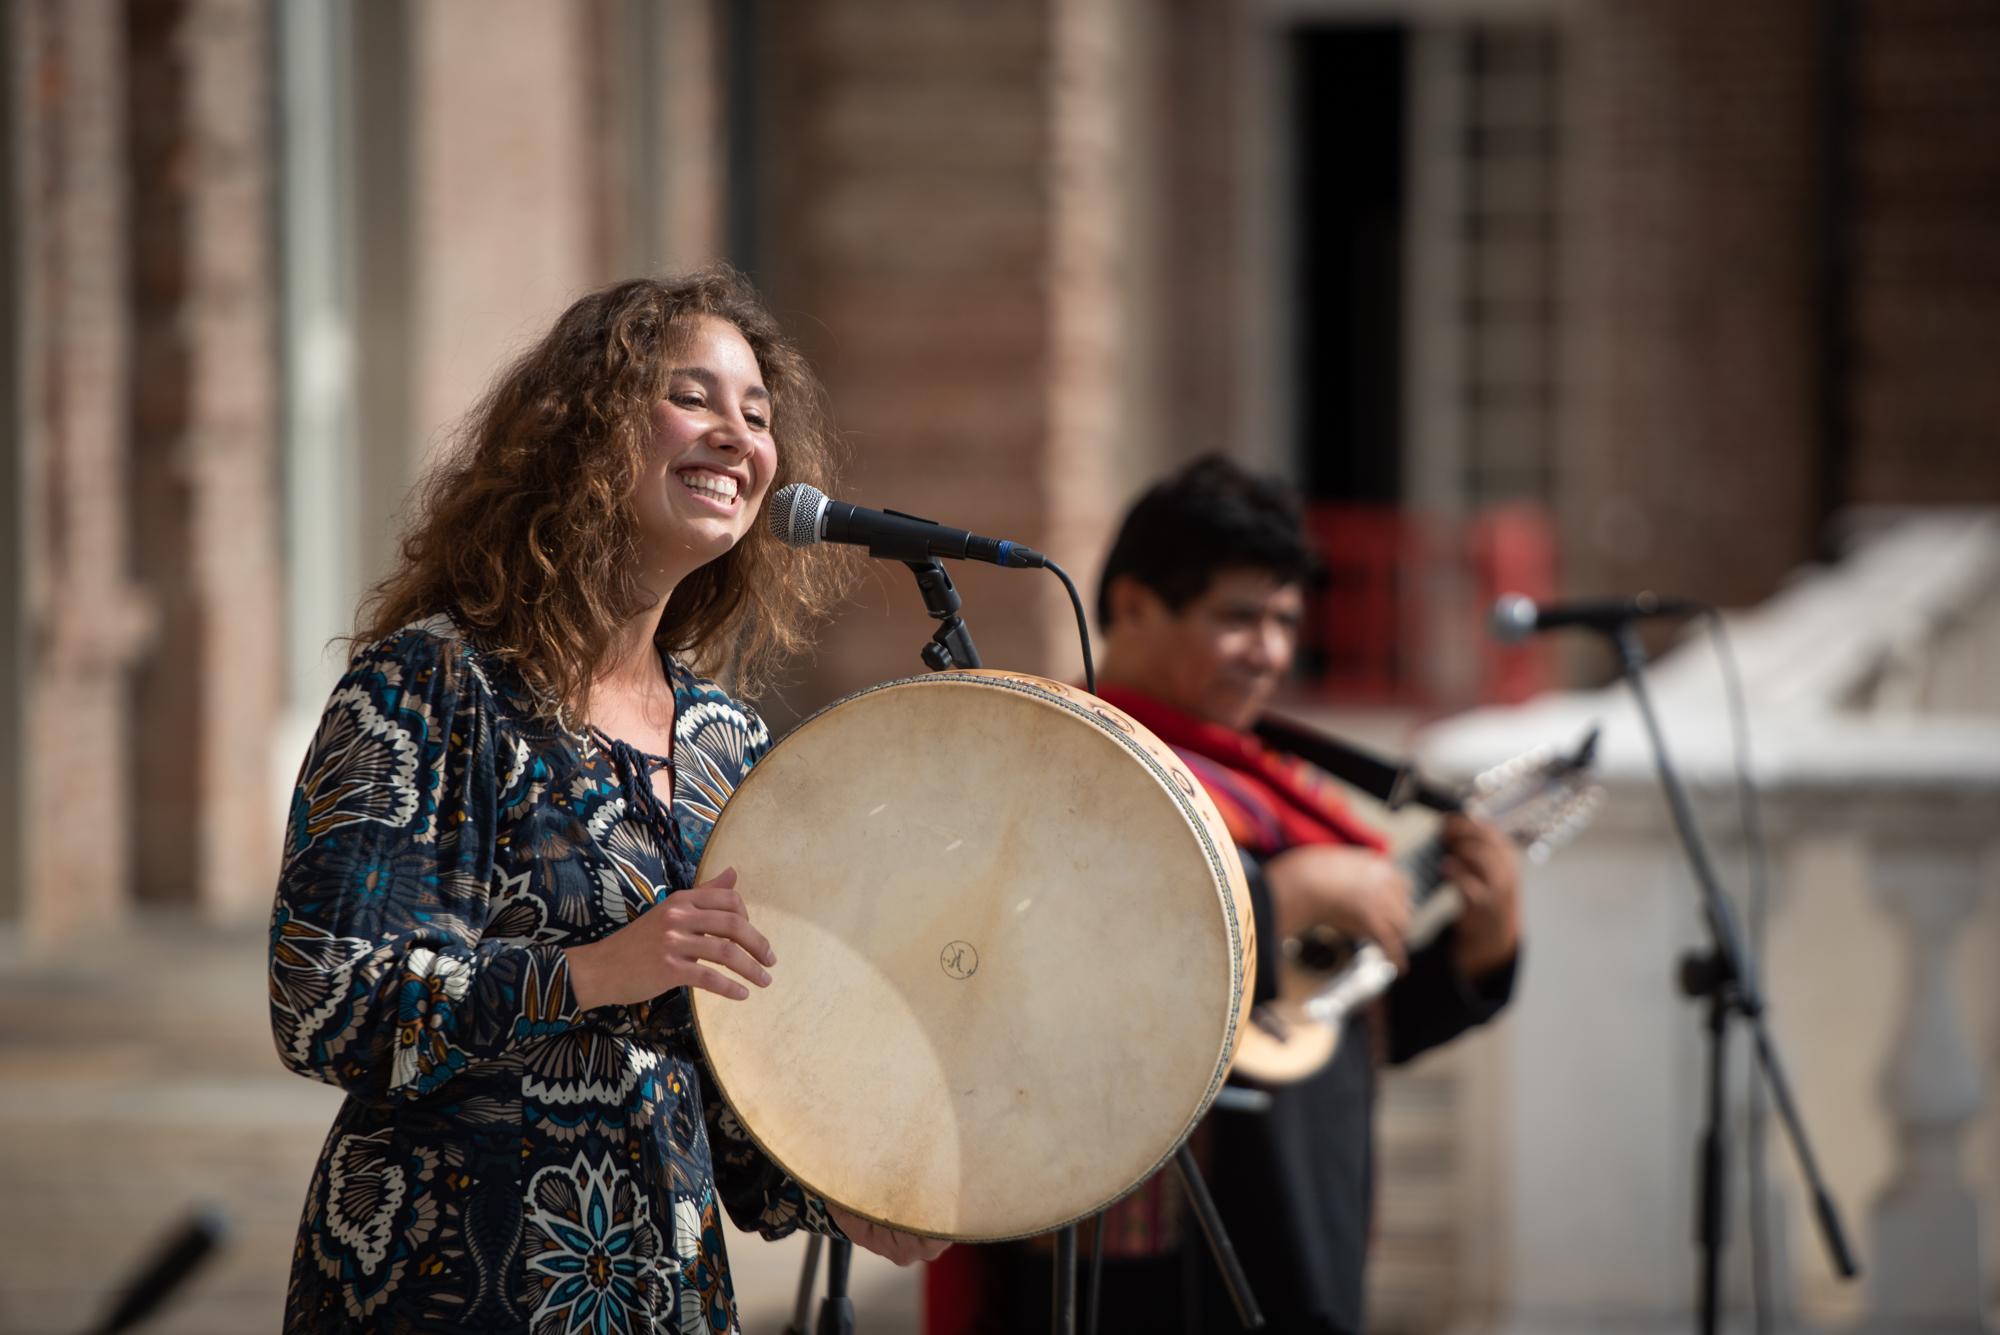 la_venaria_reale_in_festa_per_terra_madre_salone_del_gusto_2020_orchestra_terra_madre5